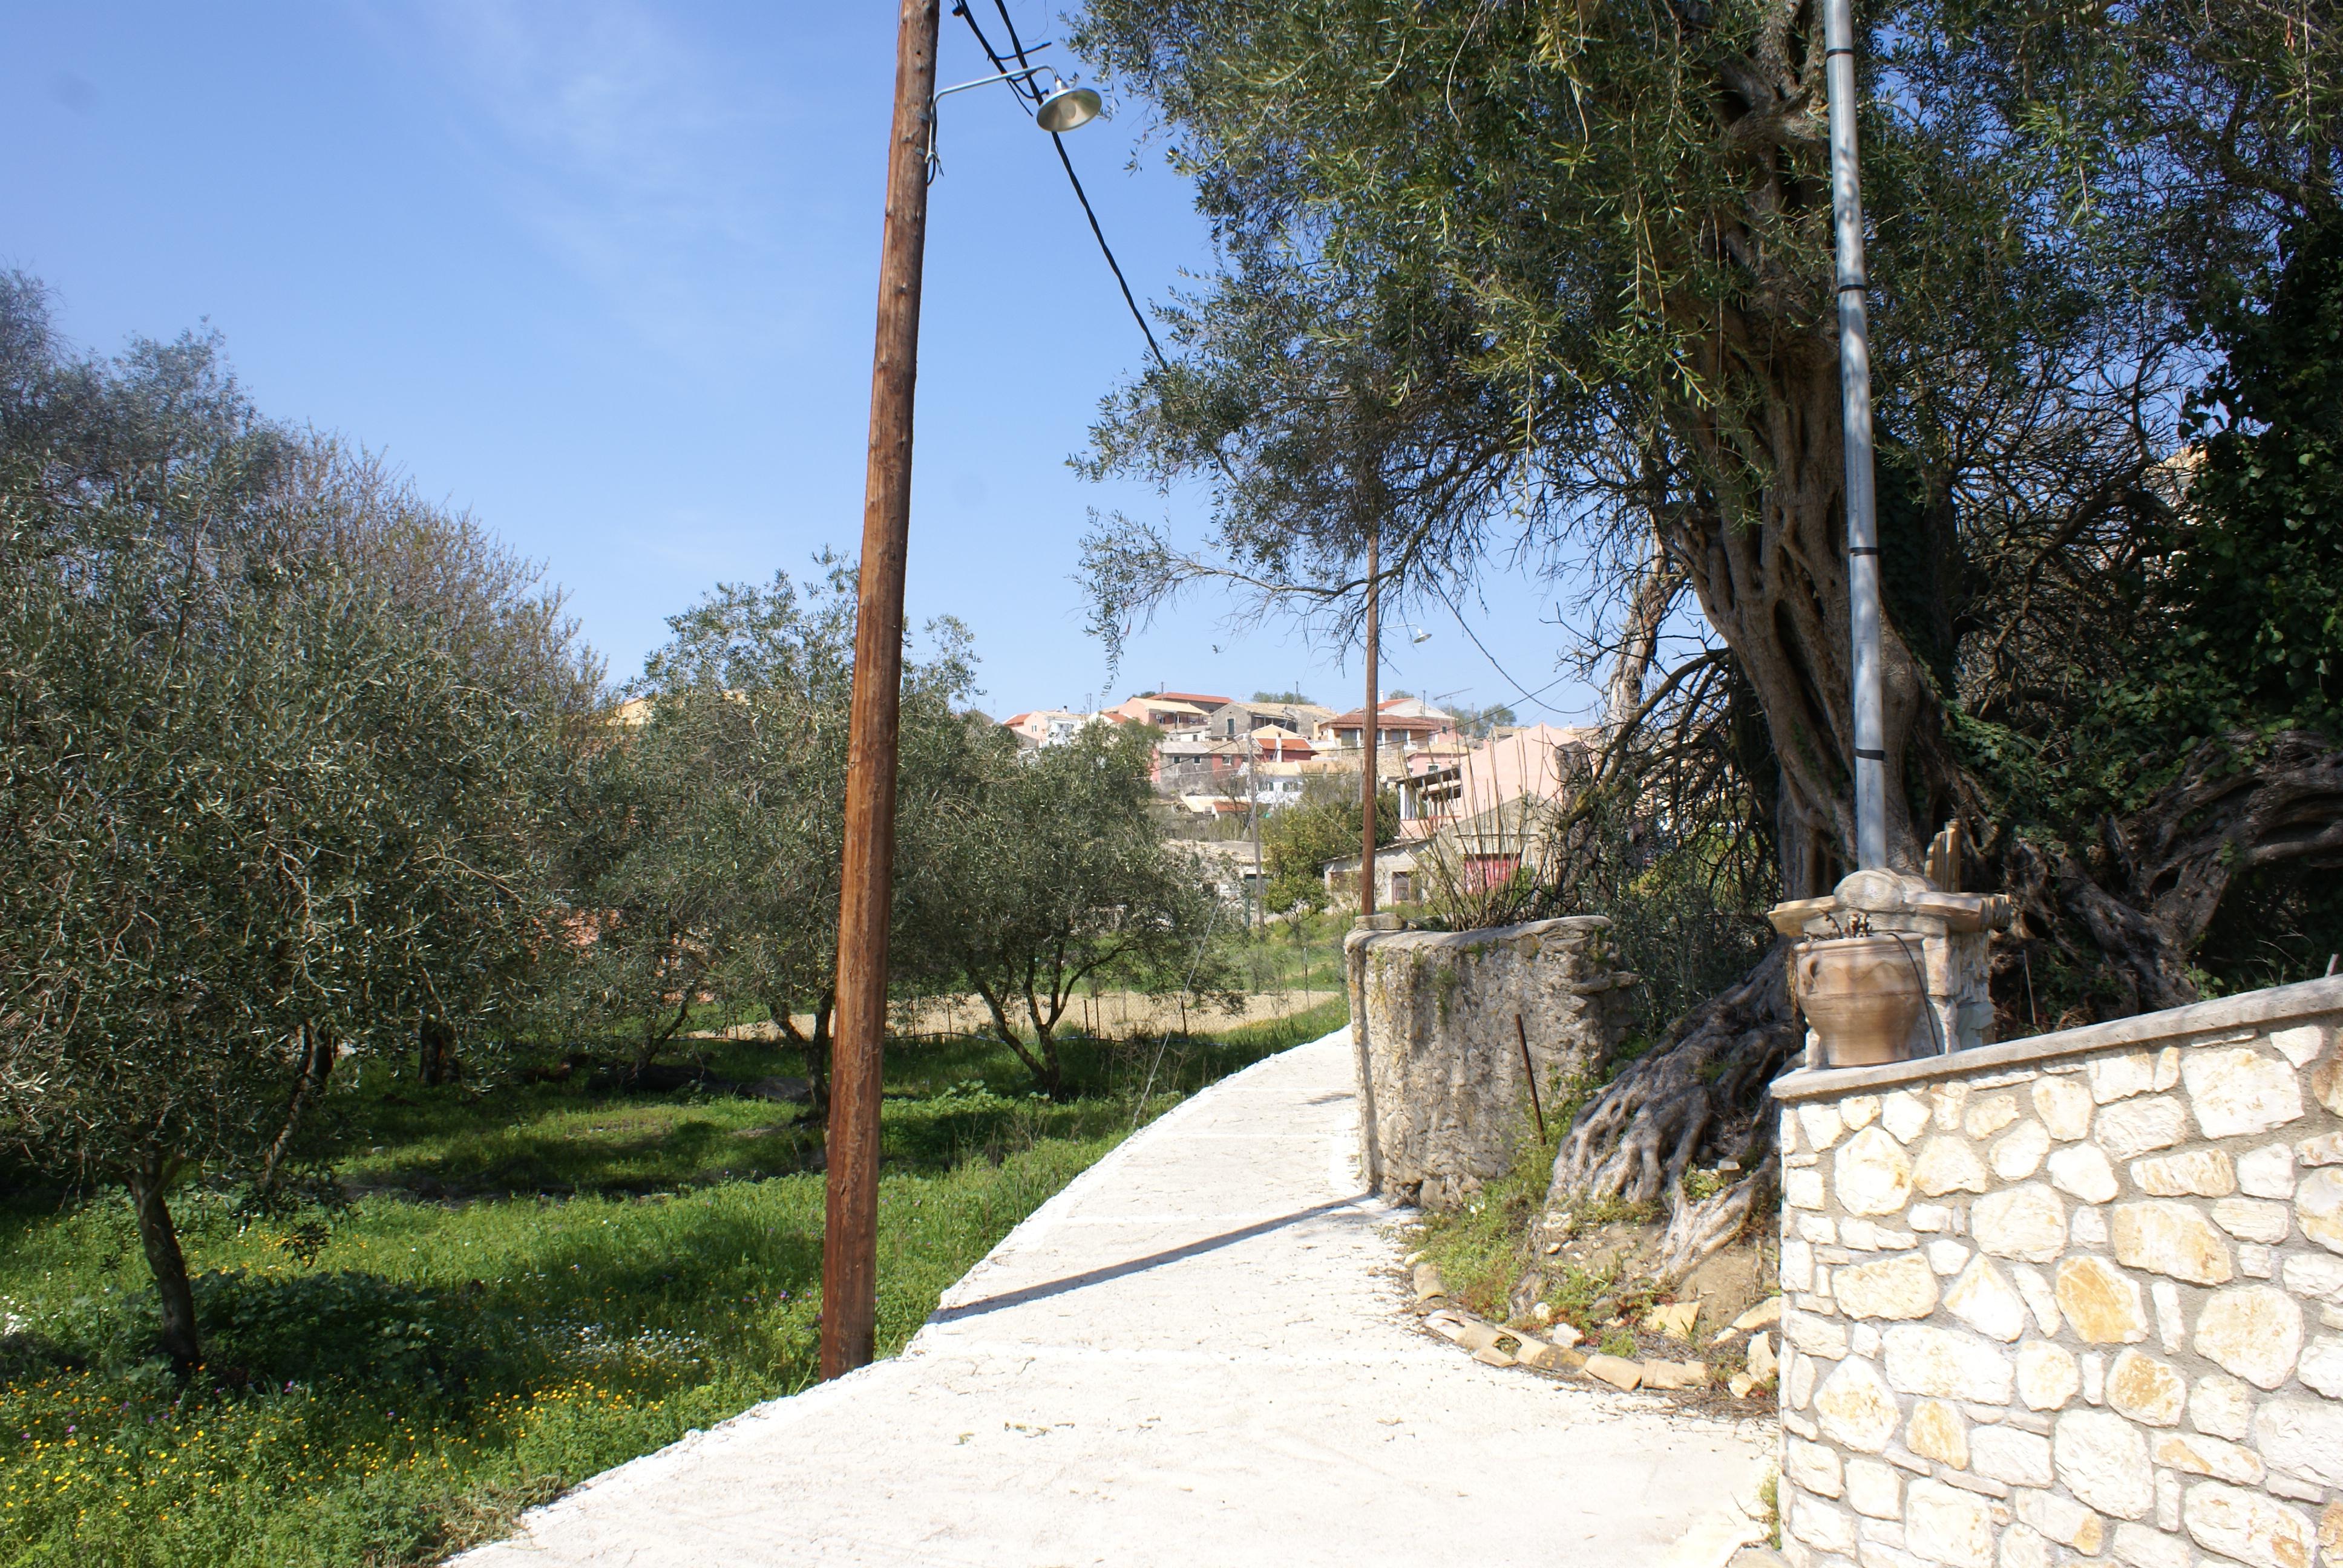 Korfu Ferienhaus Spiti Ute, Makrades - Westküste, Korfu, KorfuCorfu.de